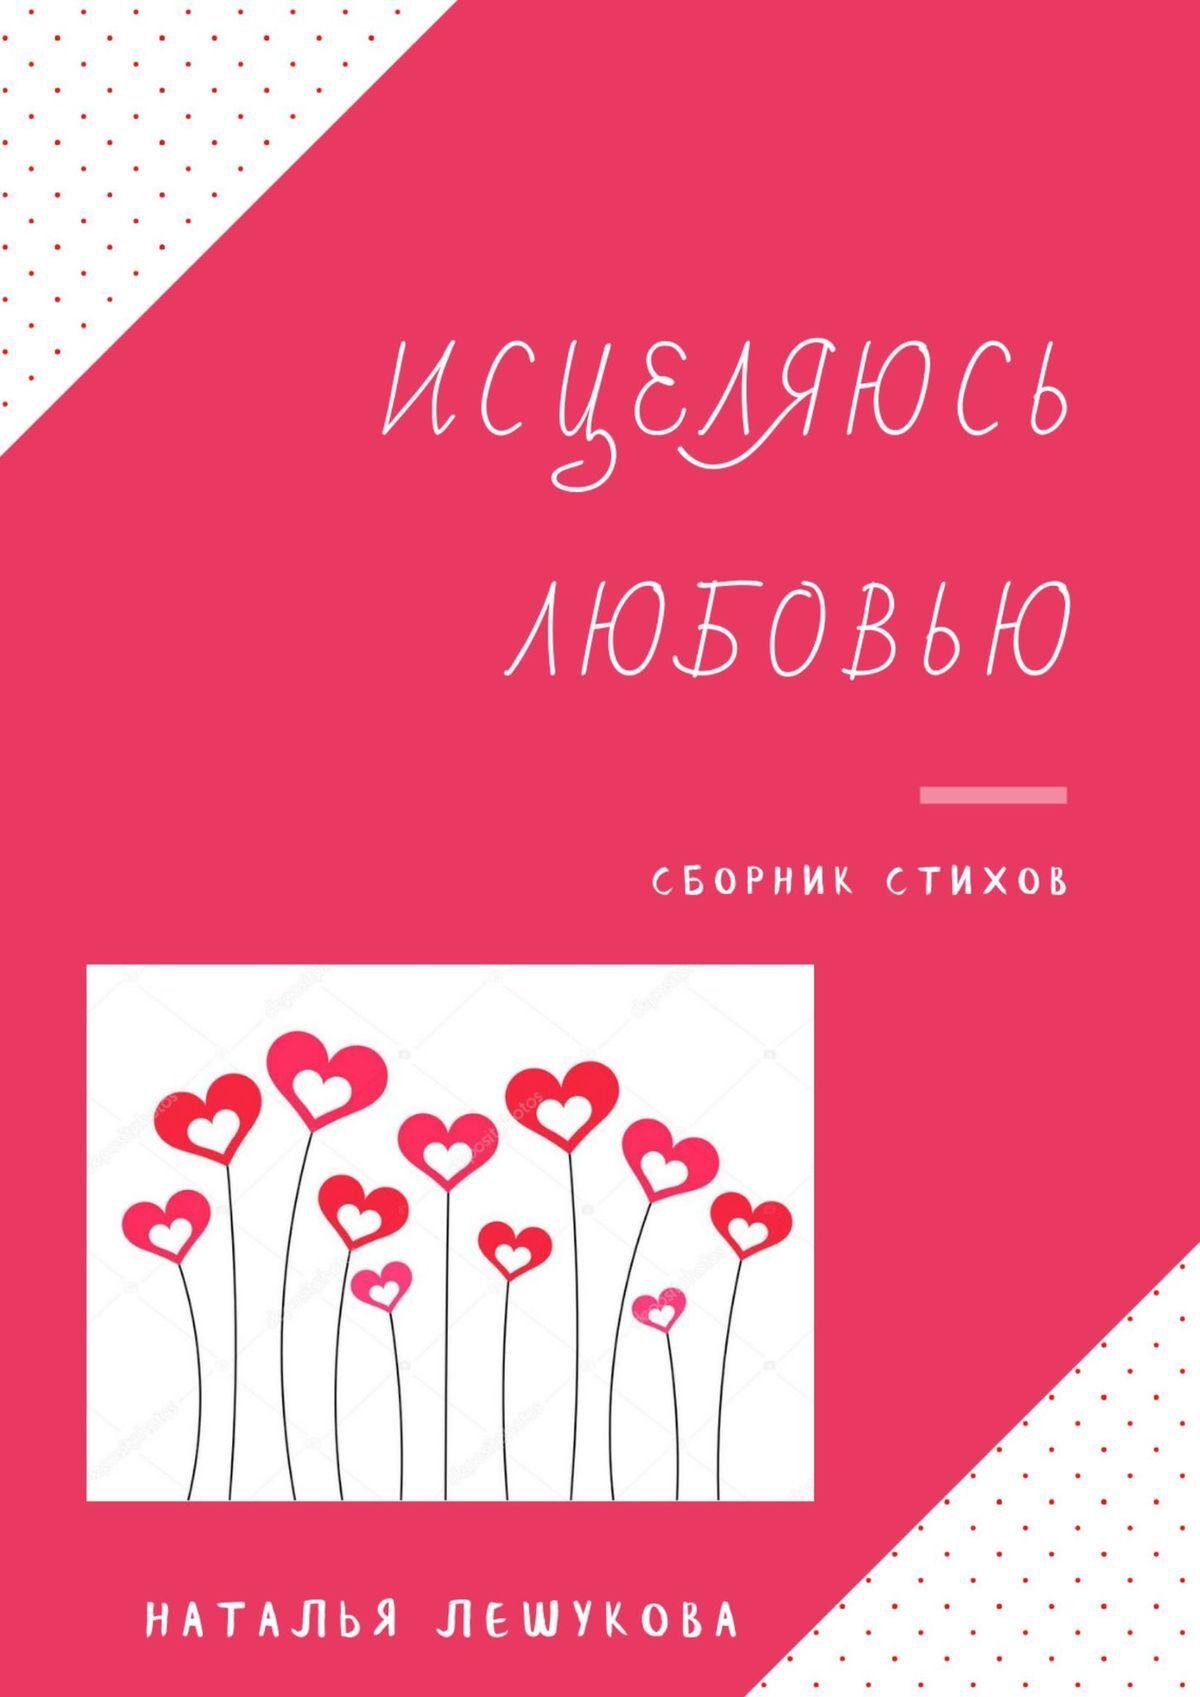 Наталья Лешукова Исцеляюсь любовью. Сборник стихов анна дубок синтетическое счастье сборник стихов